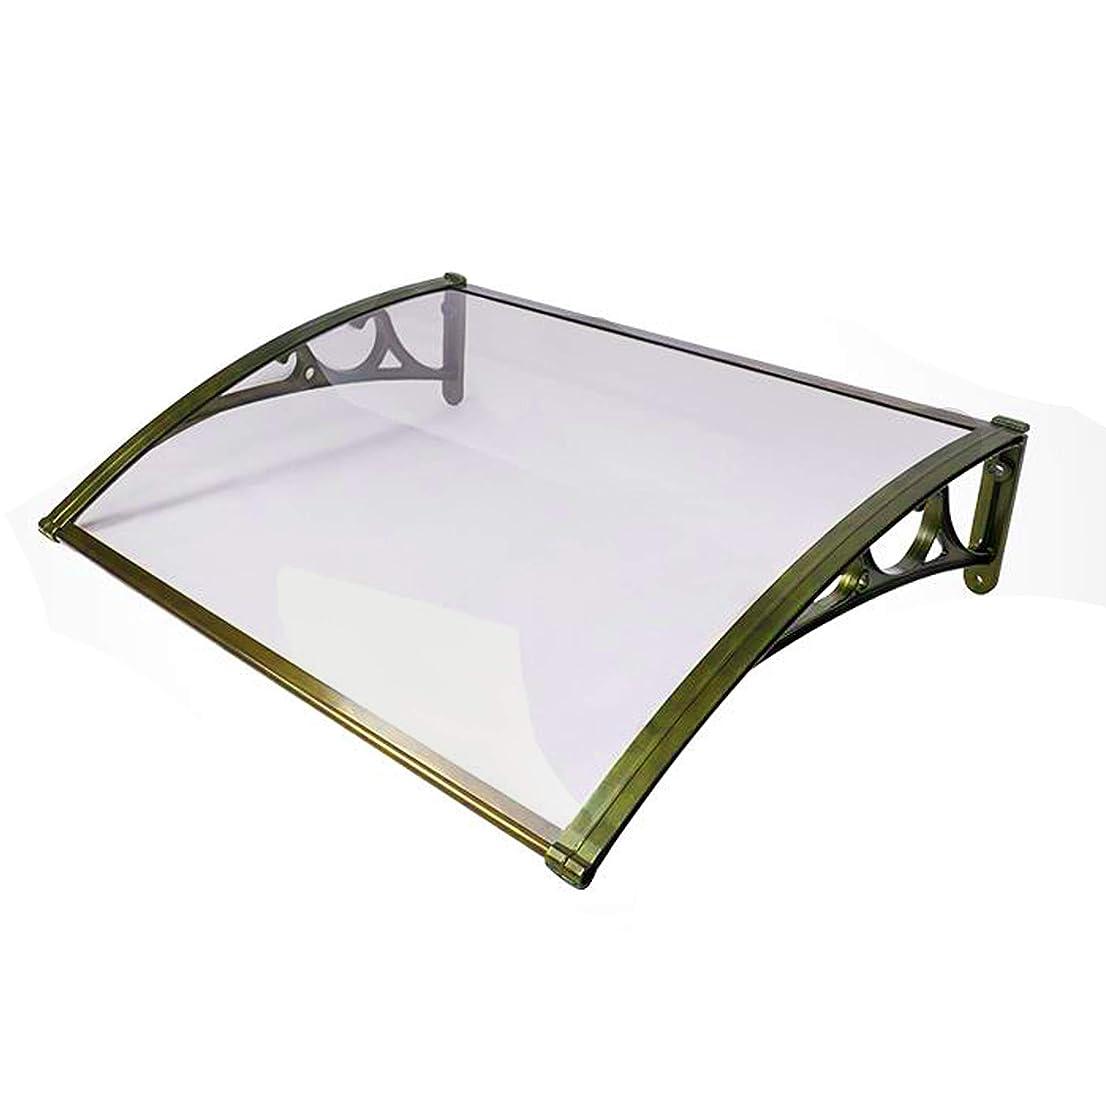 震え社説淡いAeon hum 屋根 テラス アルミ 雨よけ 梅雨対策 自転車置き場 連接可能 (80x壁側100)